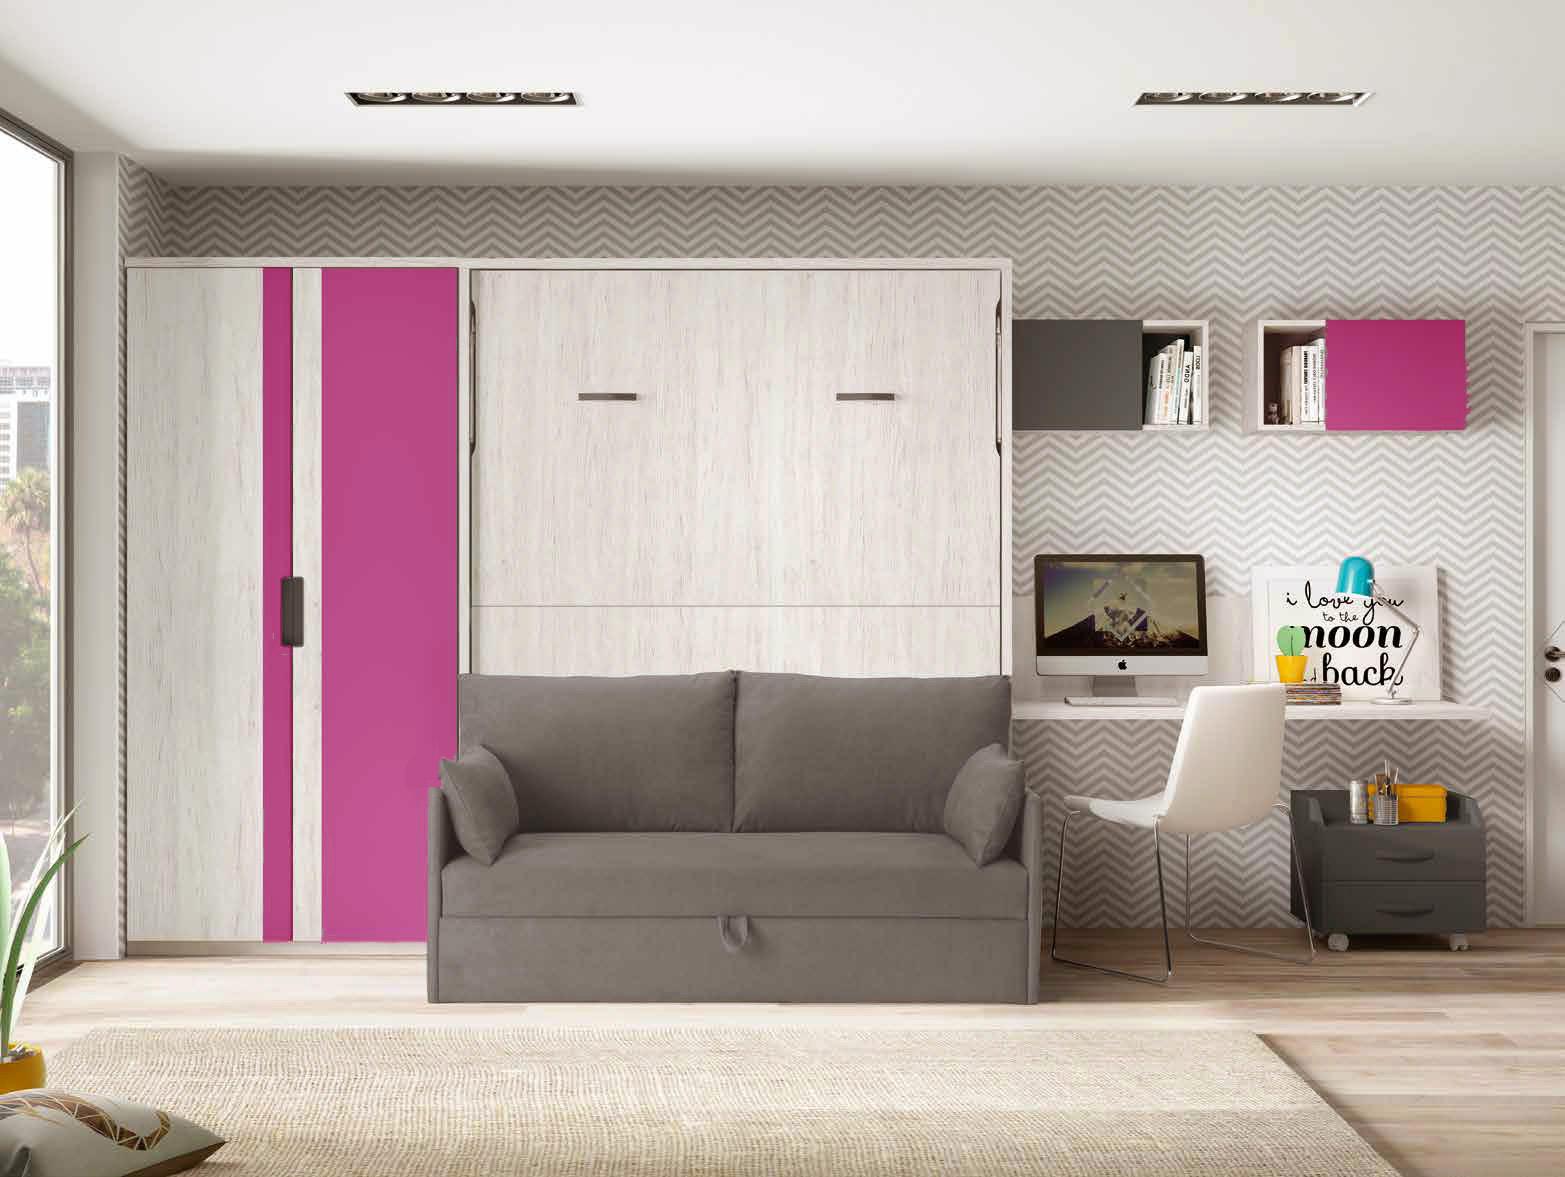 lit escamotable enfant mural encastrable et rabattable avec bureau. Black Bedroom Furniture Sets. Home Design Ideas